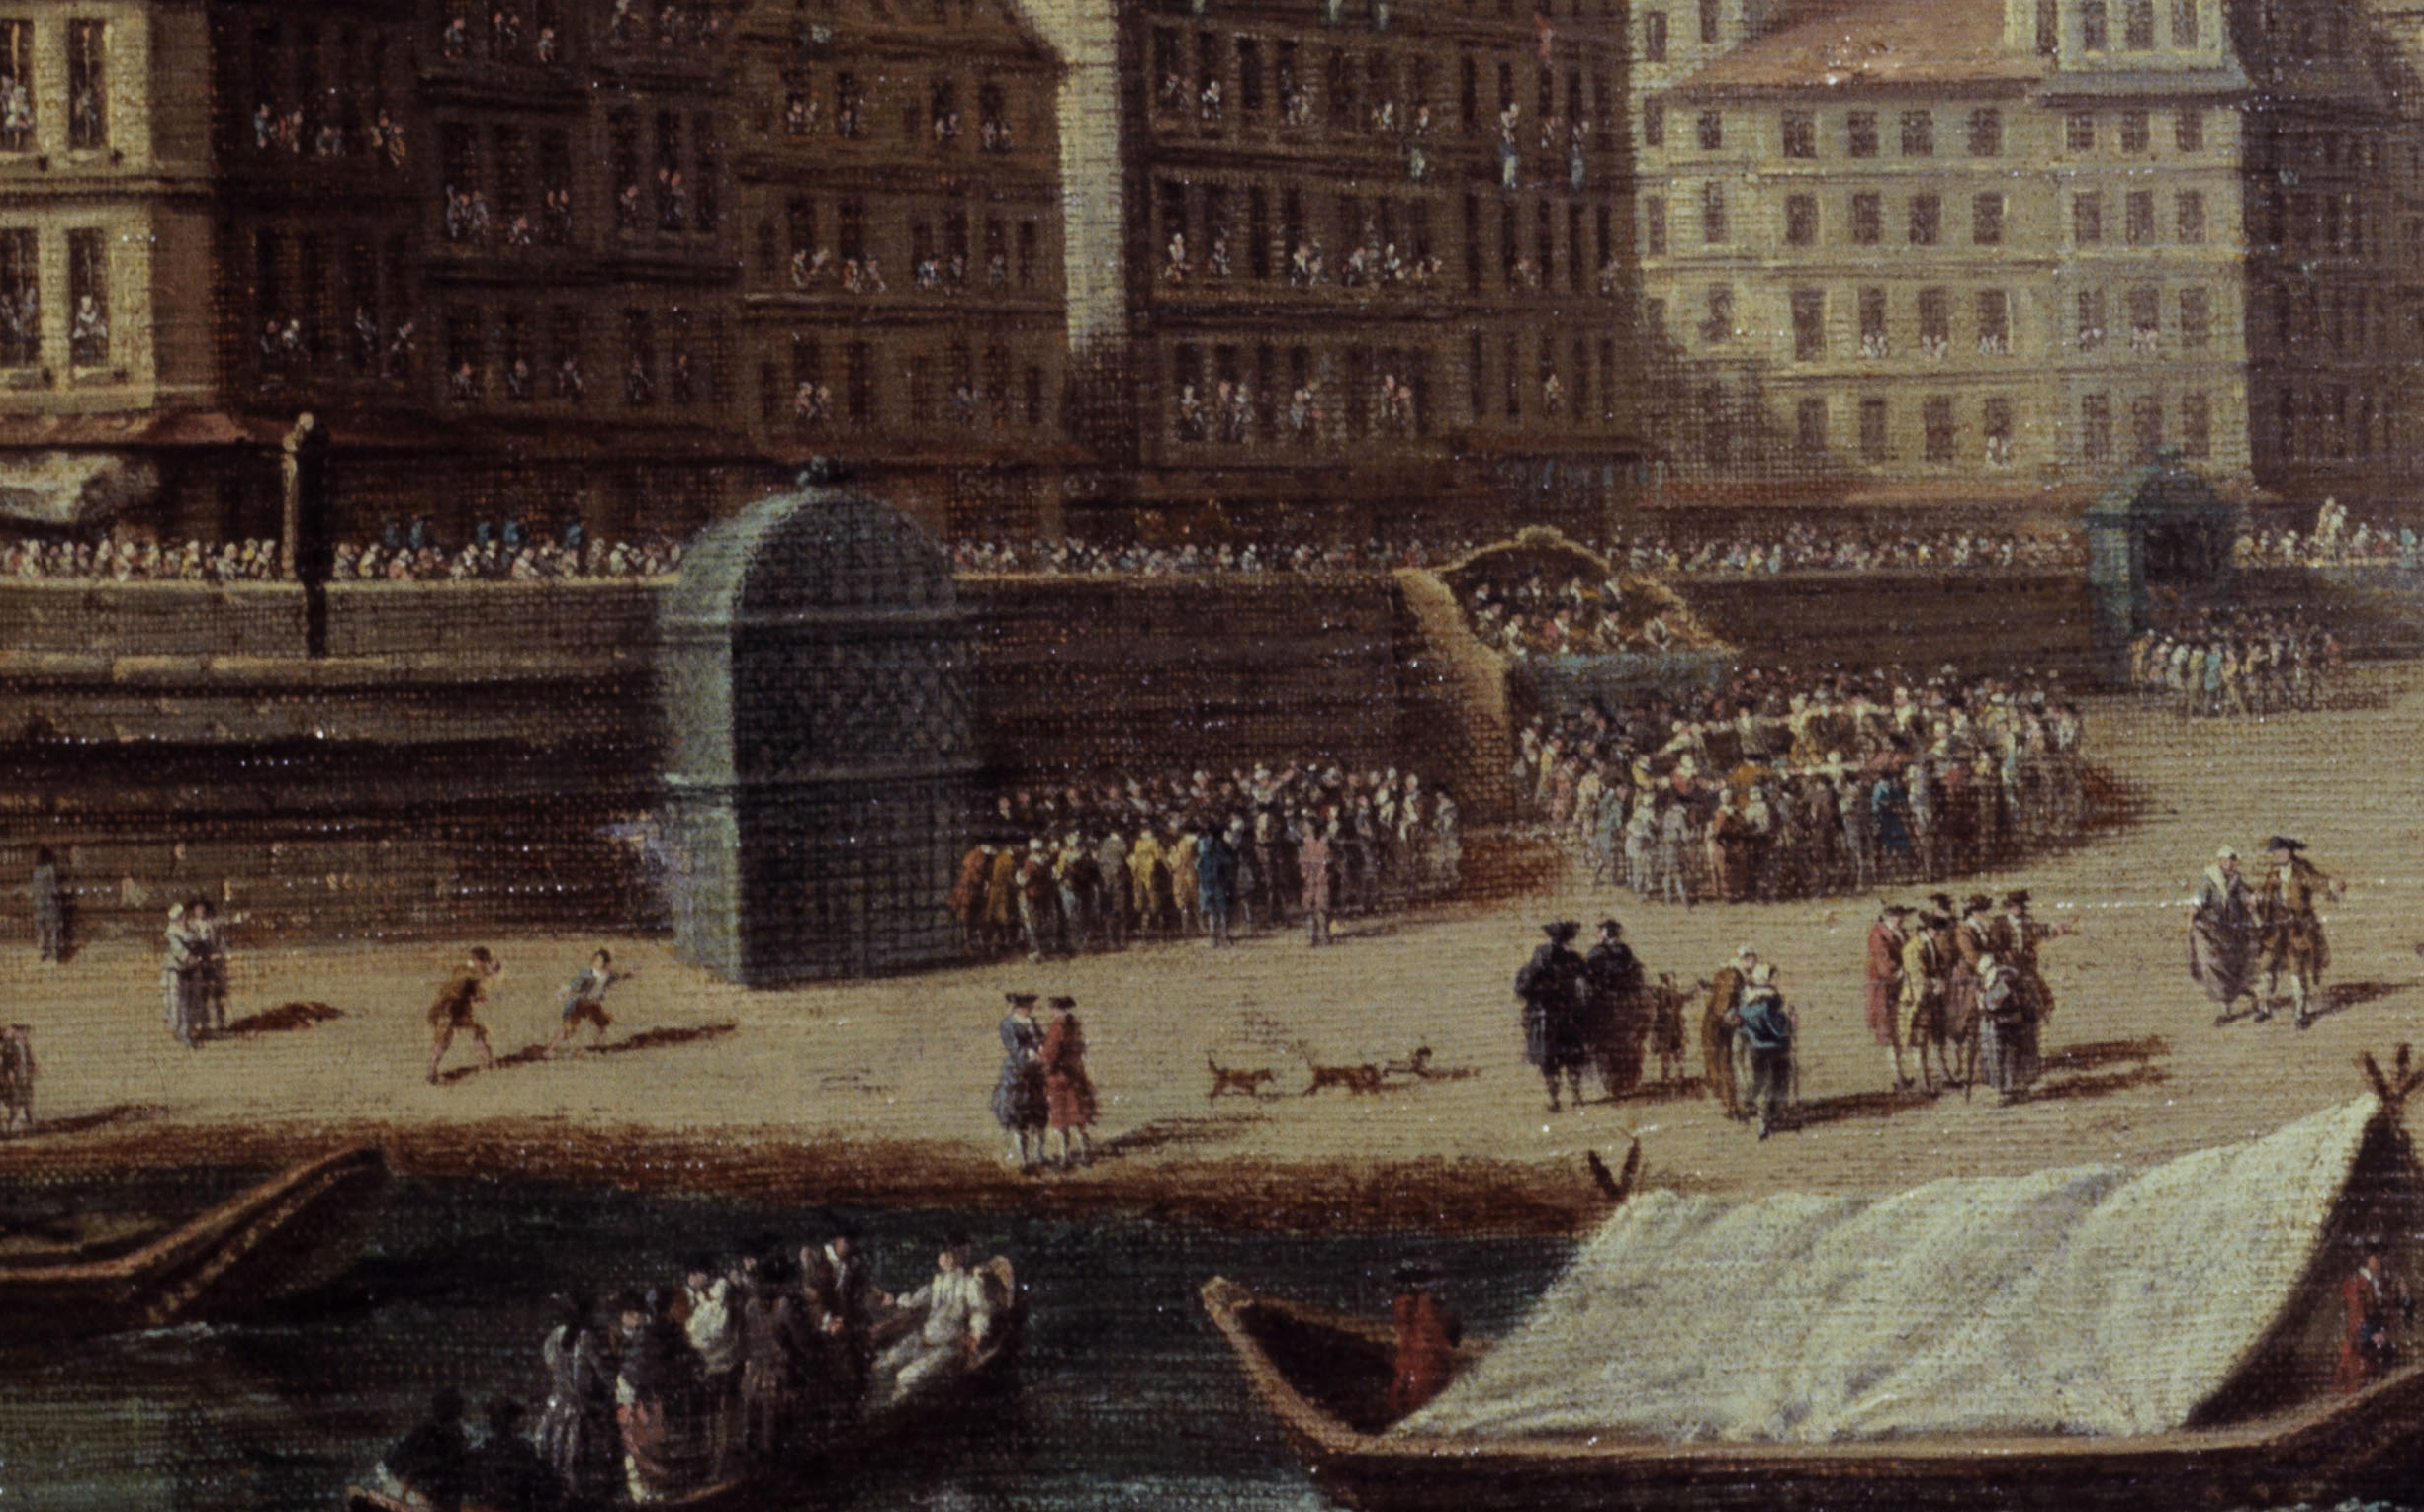 """Nicolas et Jean-Baptiste Raguenet (actifs au XVIIIËme siËcle). """"FÍte donnÈe place de GrËve ‡ l'occasion de la naissance de la princesse Marie-ThÈrËse, fille du Dauphin, en juillet 1746"""". Huile sur toile, 1754. Paris, musÈe Carnavalet."""